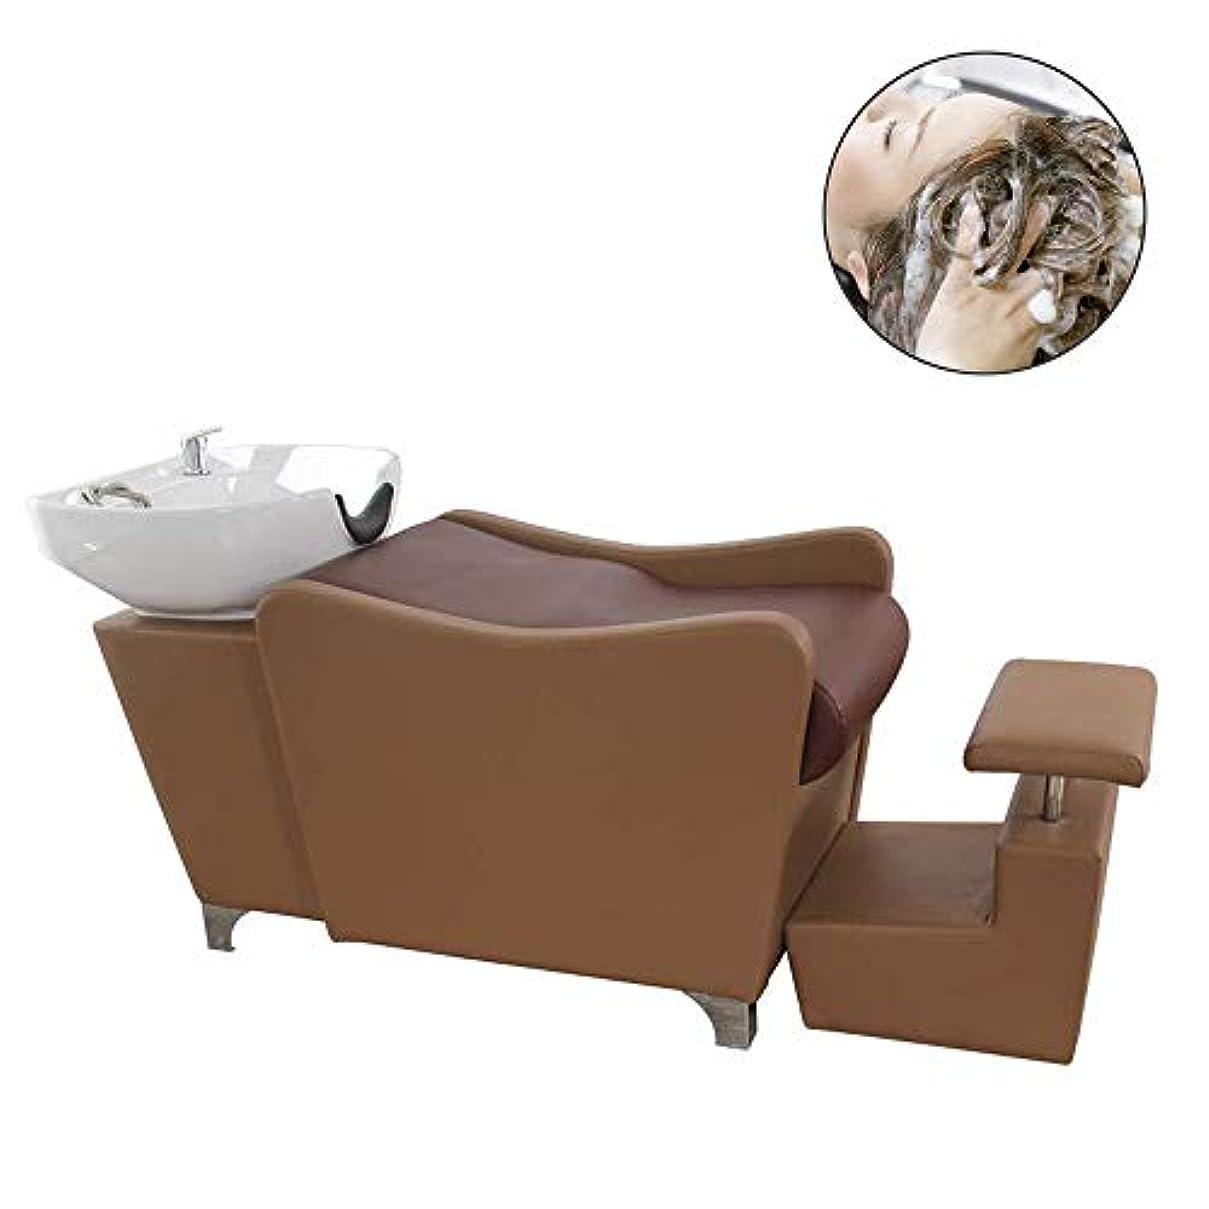 ギャンブル本物気怠いサロン用シャンプー椅子とボウル、理髪店逆洗ユニットシャンプーボウル理髪用シンク椅子用スパビューティーサロン機器(茶色)